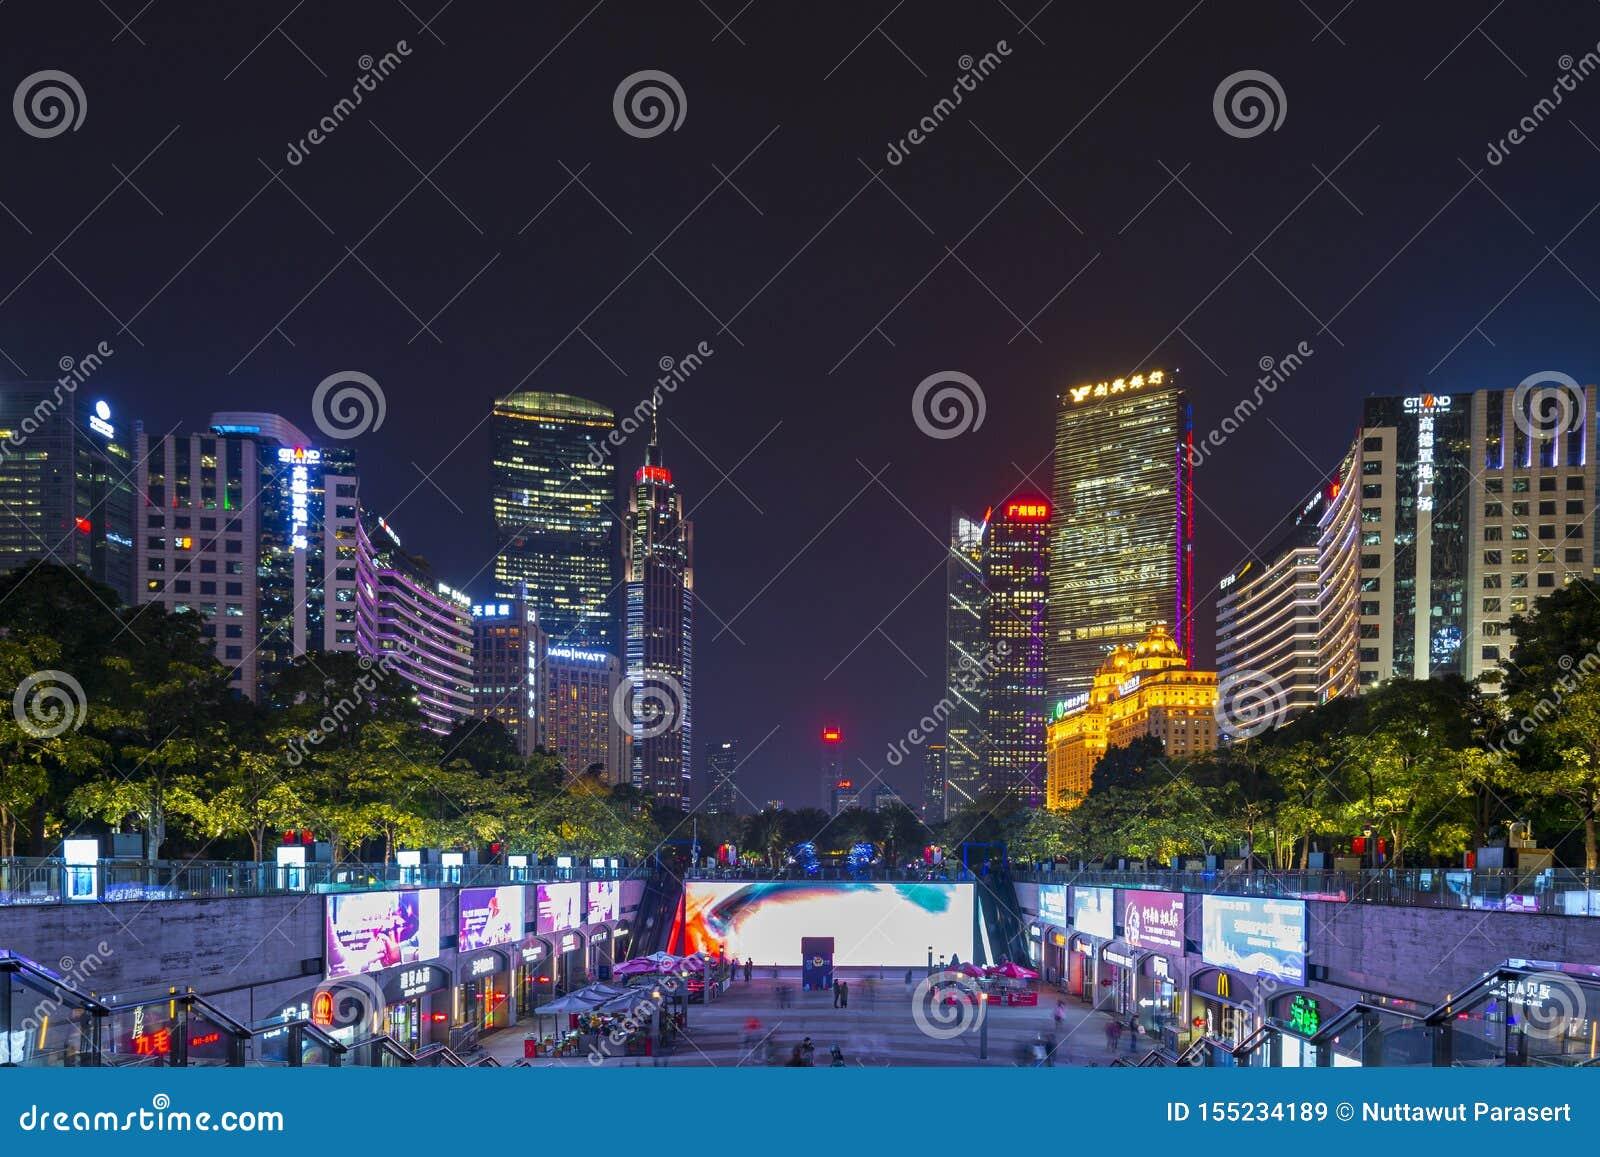 ГУАНЧЖОУ, КИТАЙ - декабрь 29, 2018: взгляд ночи городского пейзажа Гуанчжоу с небоскребами и современными зданиями в деле Zhujian